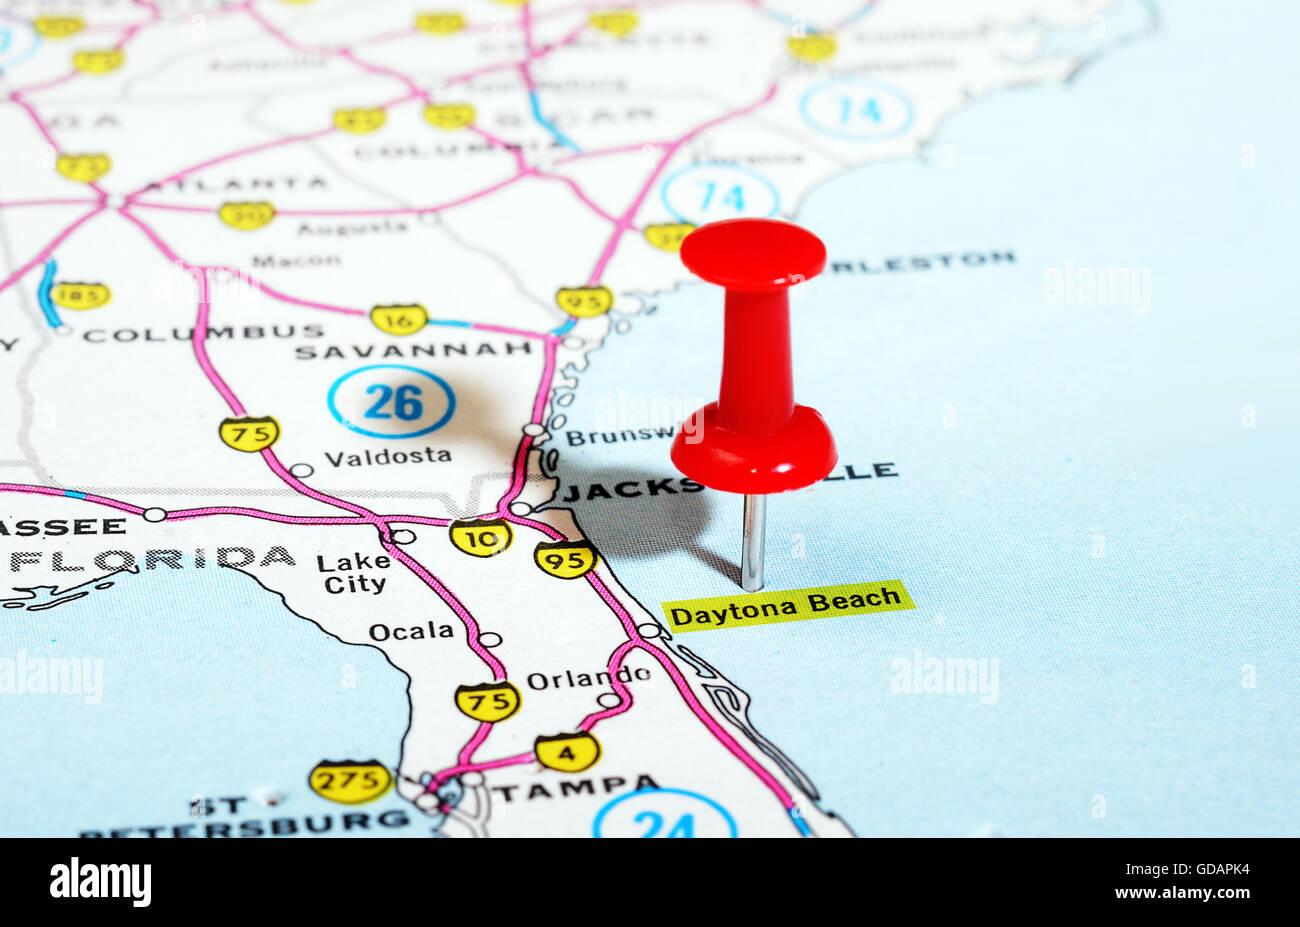 Daytona Florida Map.Close Up Of Daytona Beach Florida Usa Map With Red Pin Travel